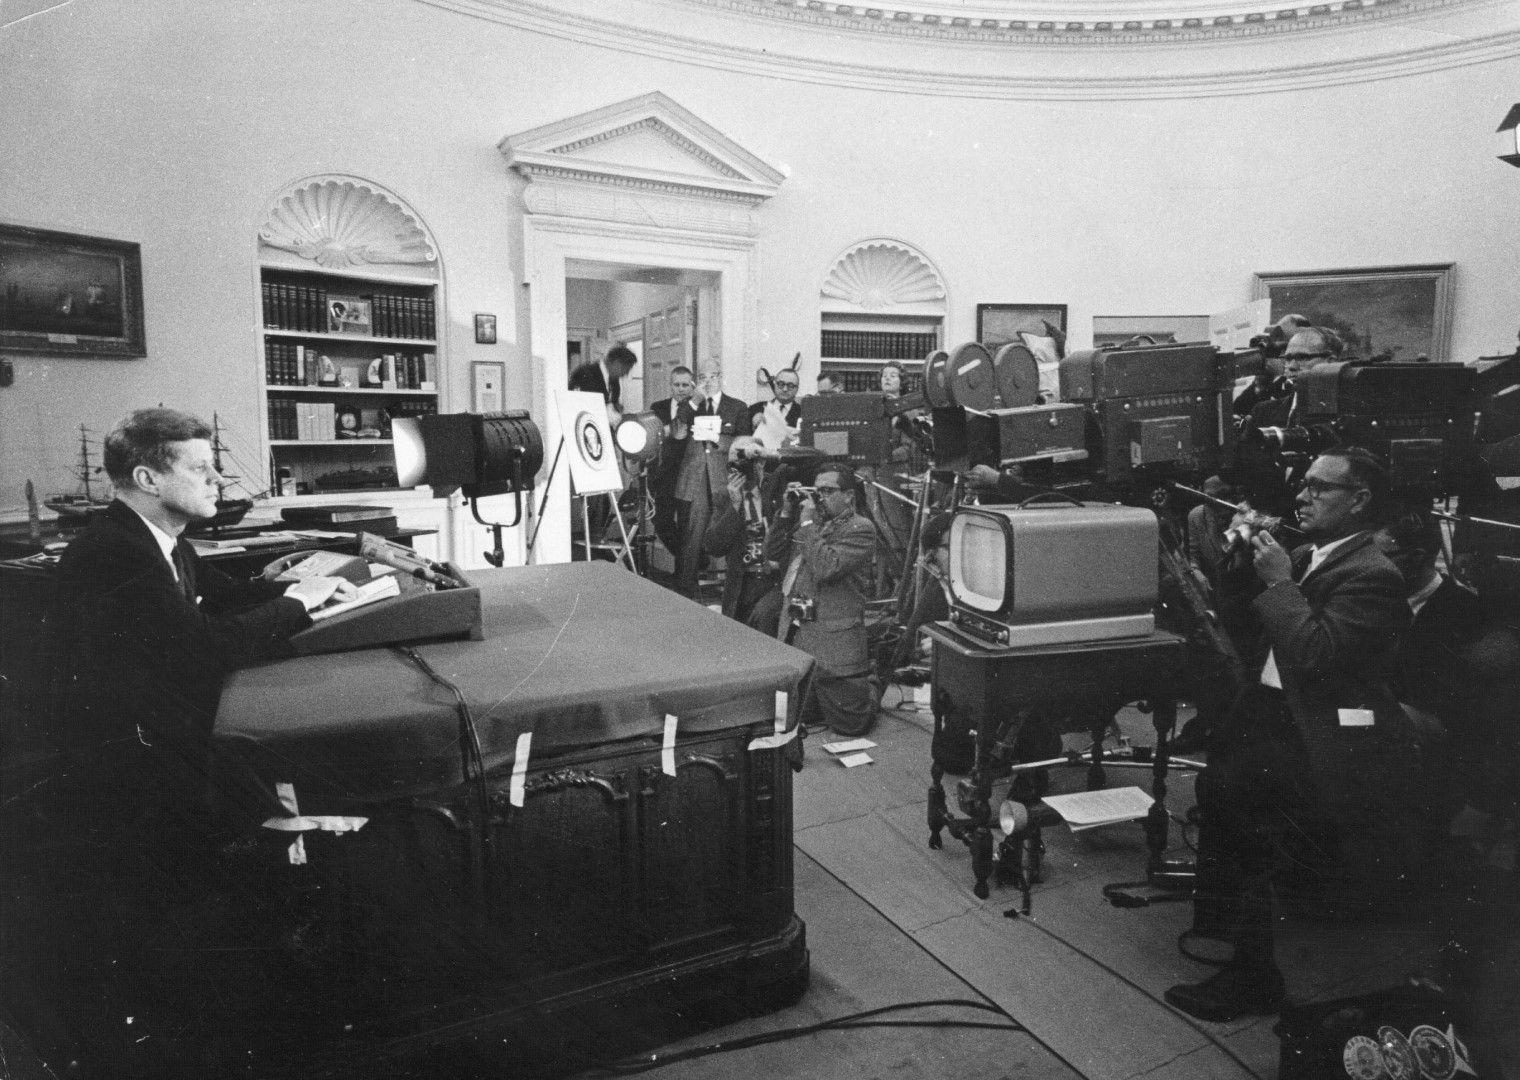 Джон Кенеди обявява по телевизията, че в Куба има съветски ракети